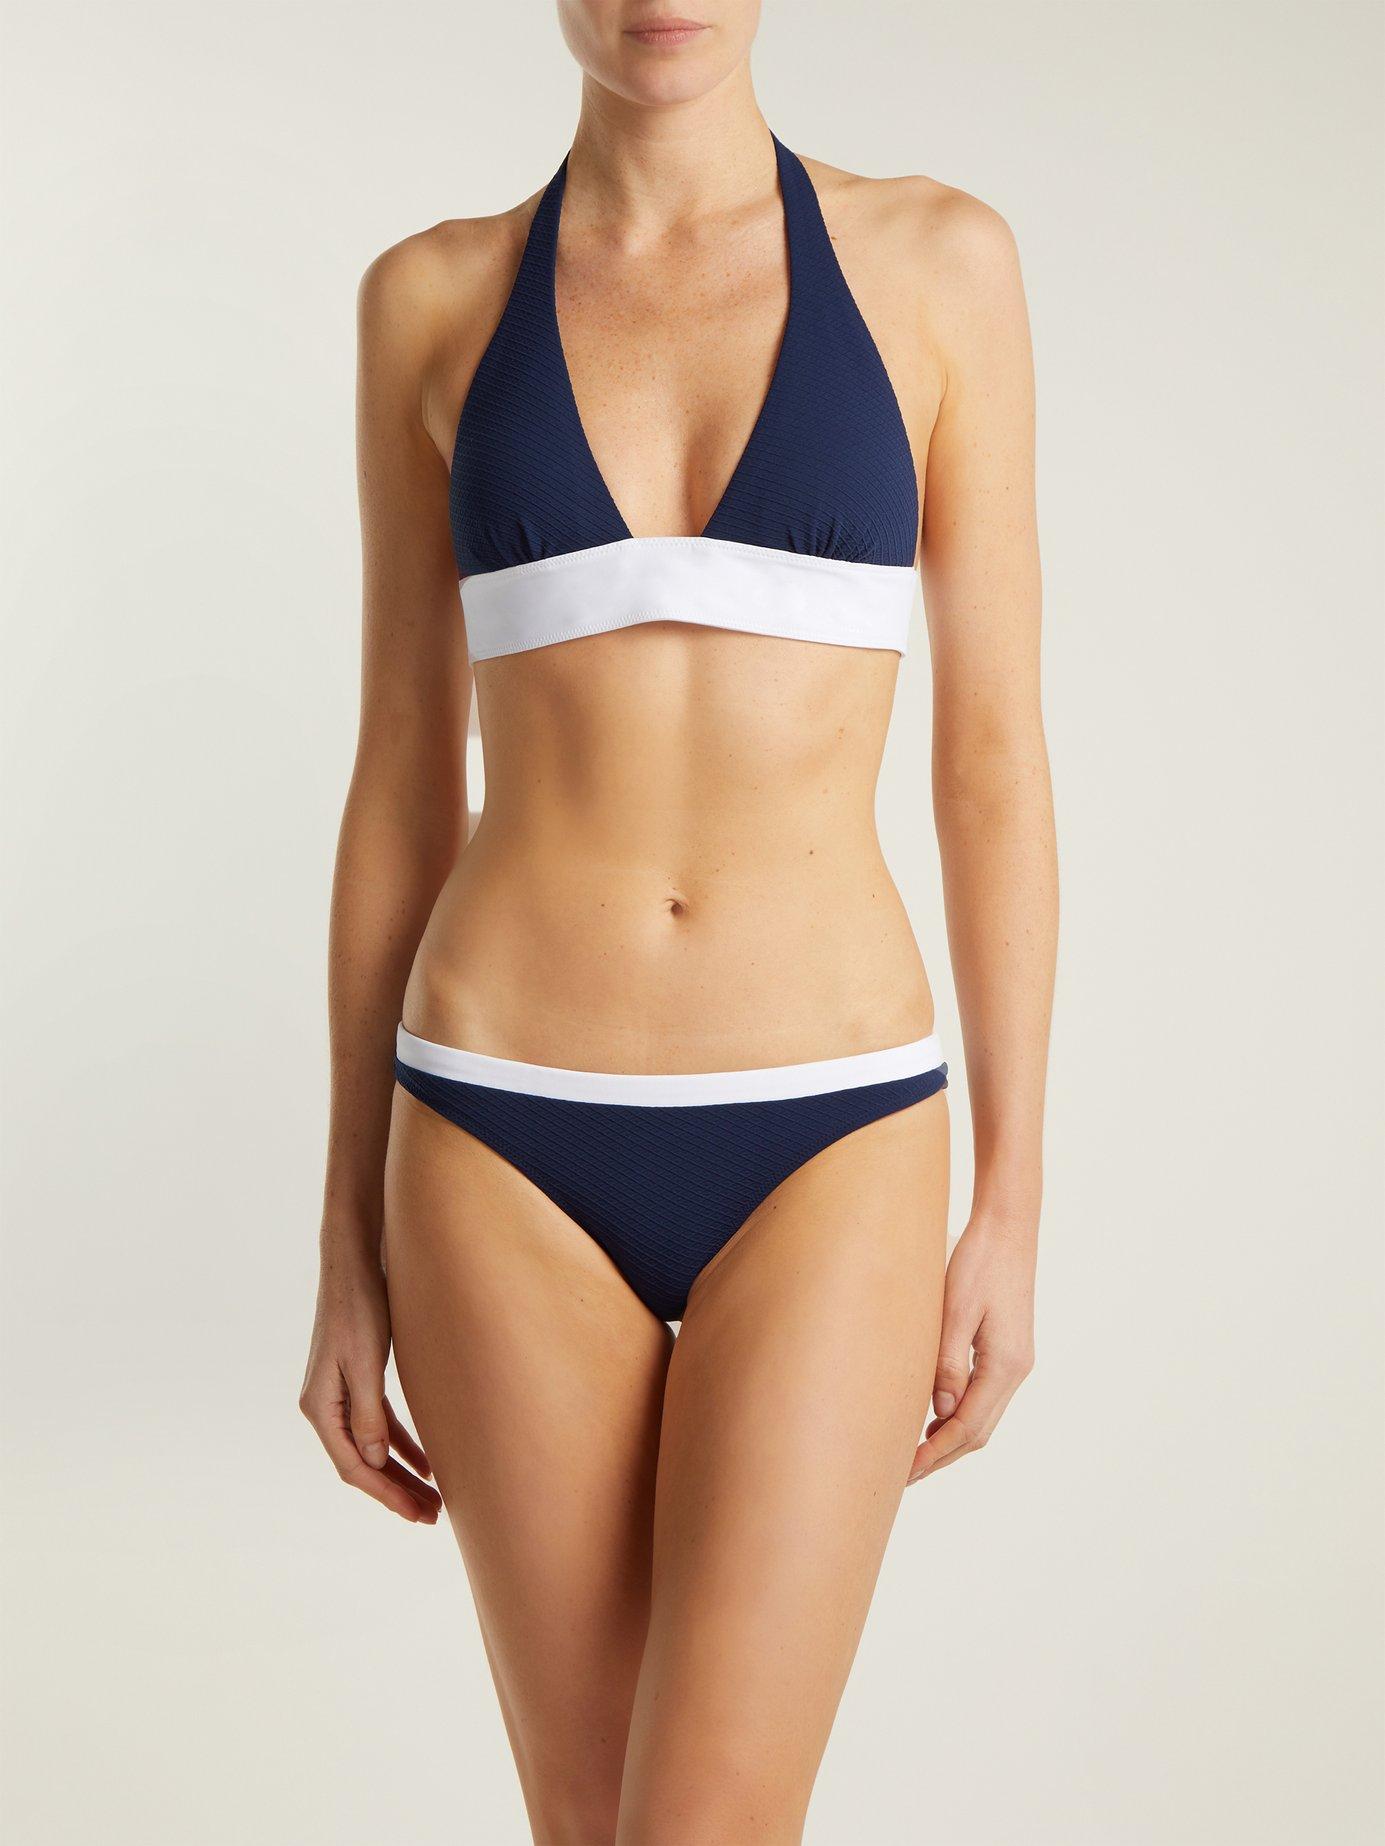 Harbour Island bikini briefs by Heidi Klein